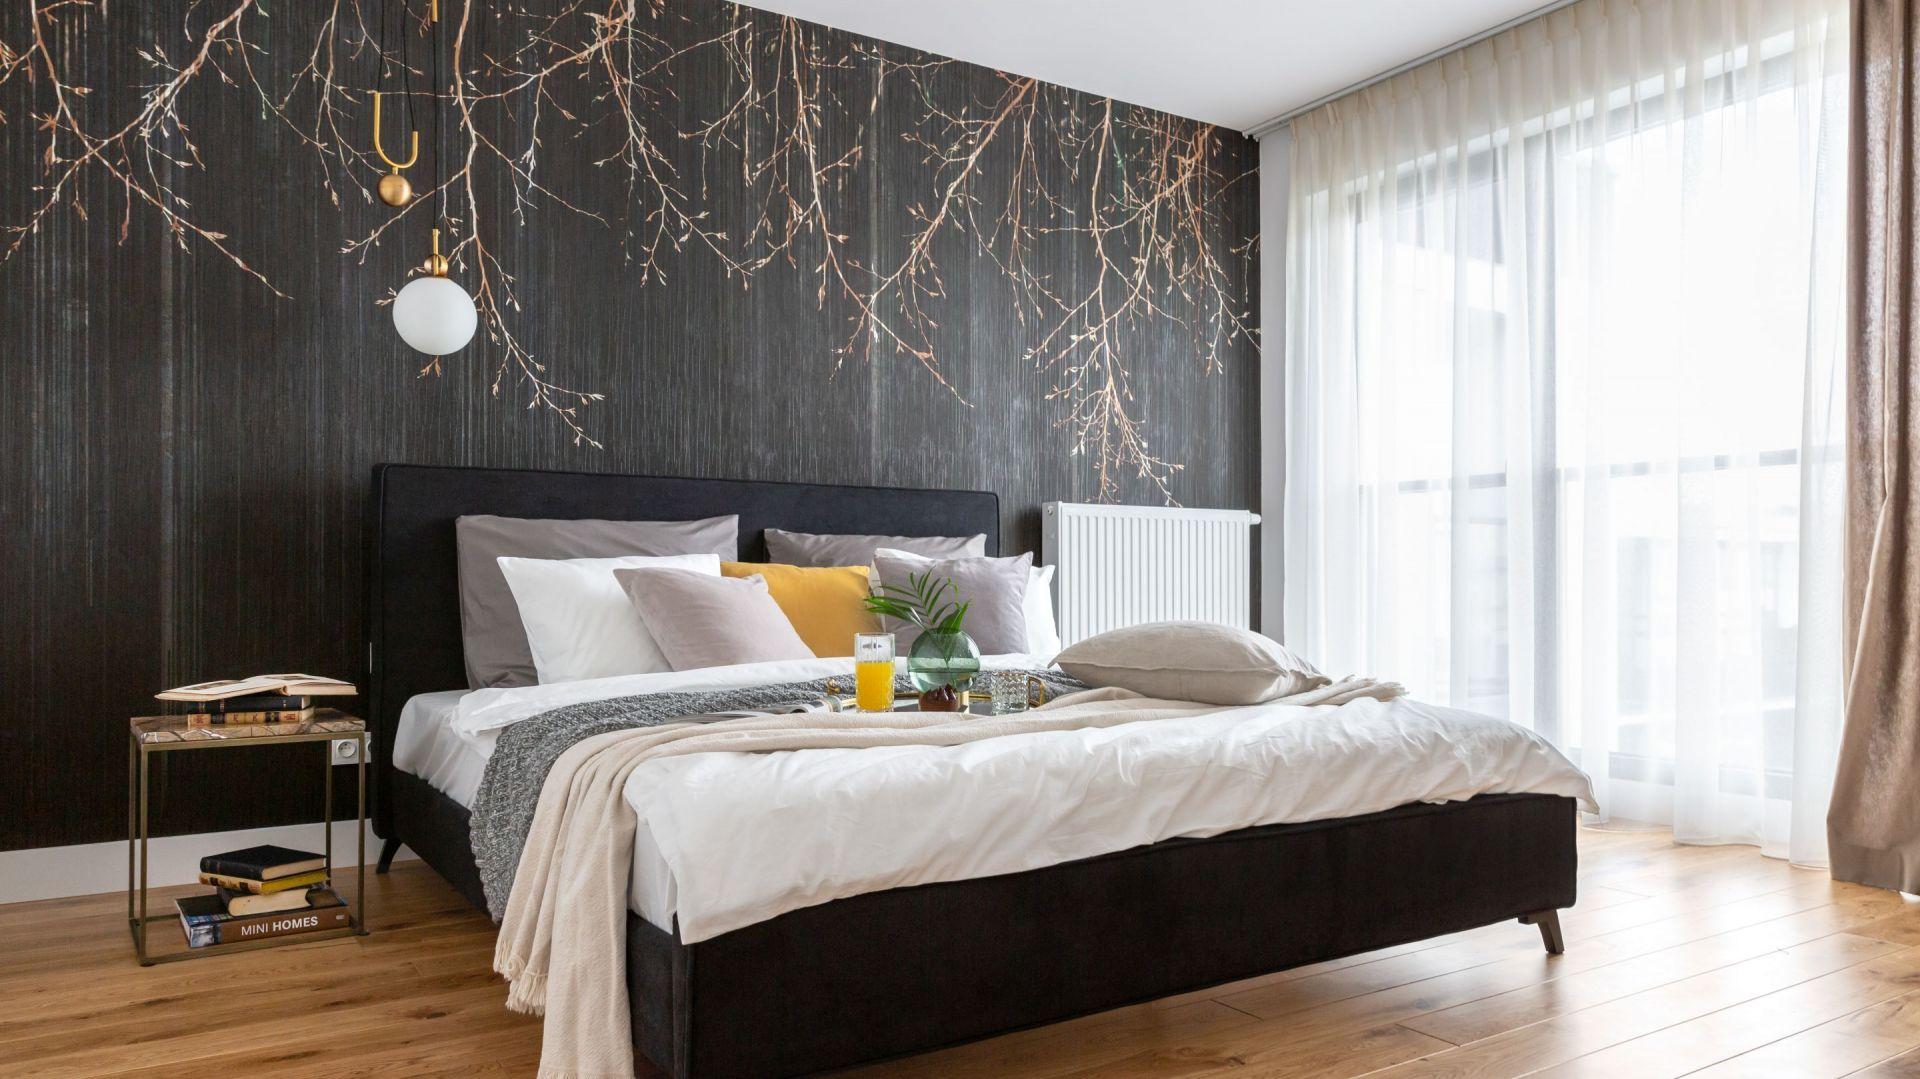 Biel i drewno dobrze komponują się z tapetą wpadającą w grafit z motywem złotych gałązek, która zdobi ścianę za łóżkiem. Projekt: Decoroom. Fot. Marta Behling, Pion Poziom